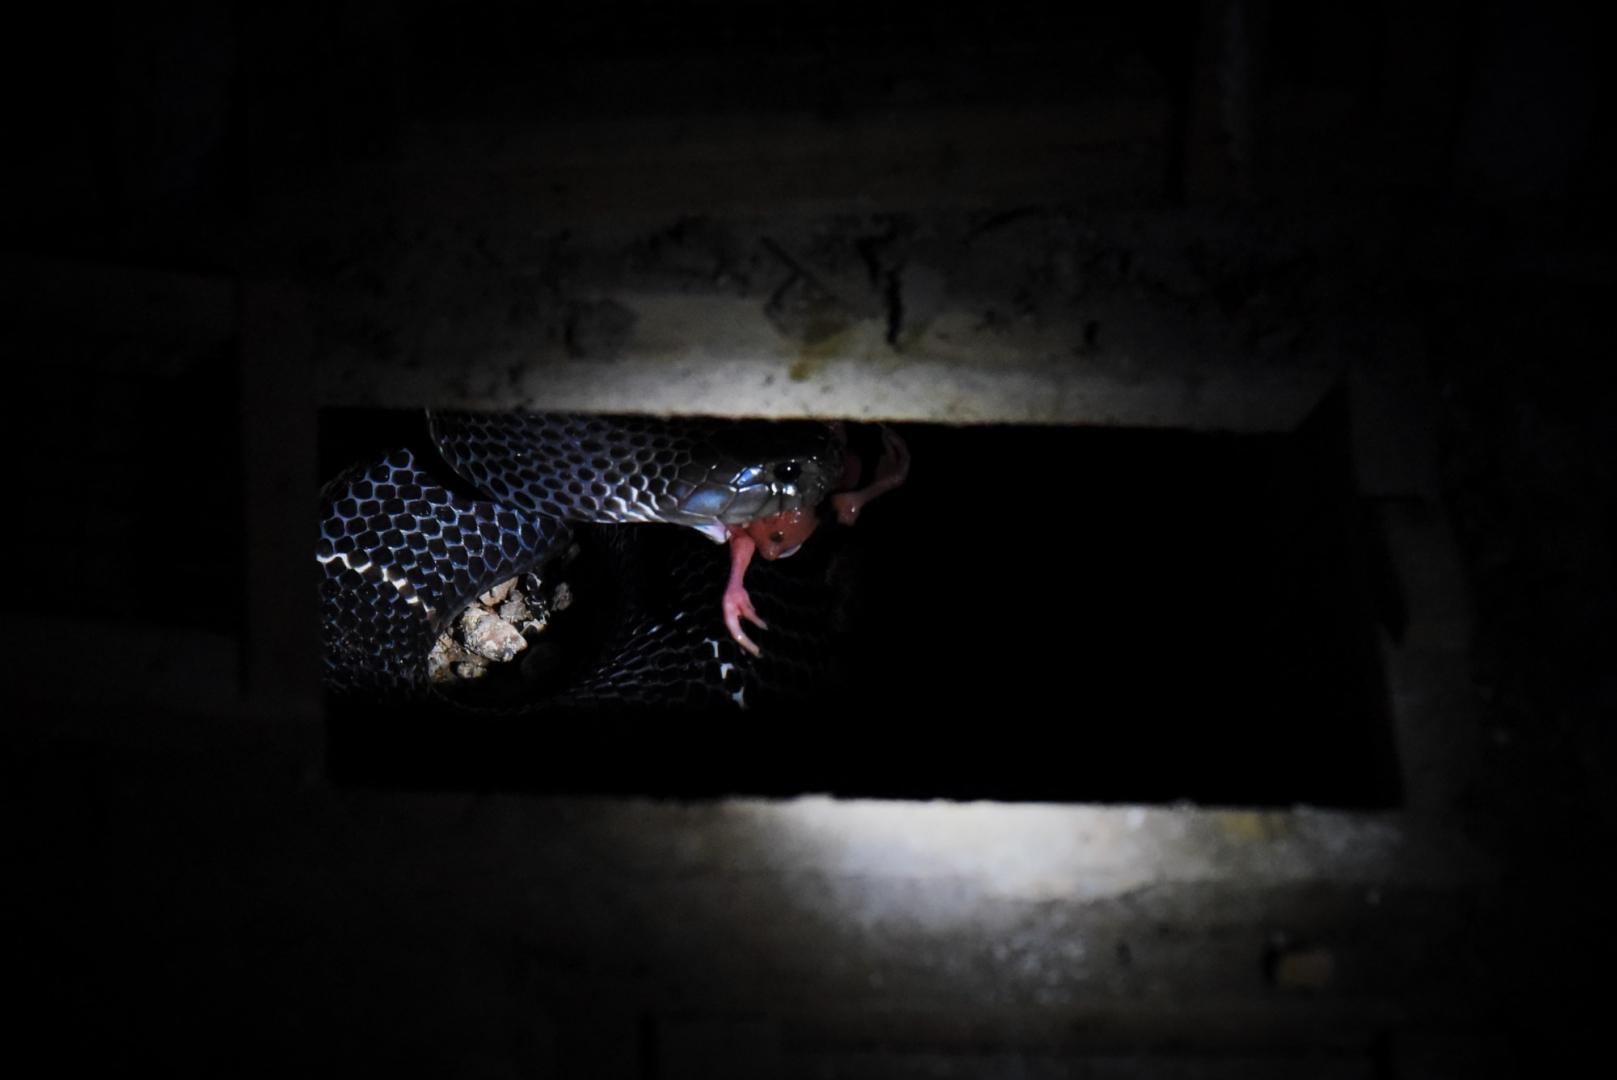 В дикой природе кобра может прожить до 35 лет, на ферме продается примерно через 3 года после рождения